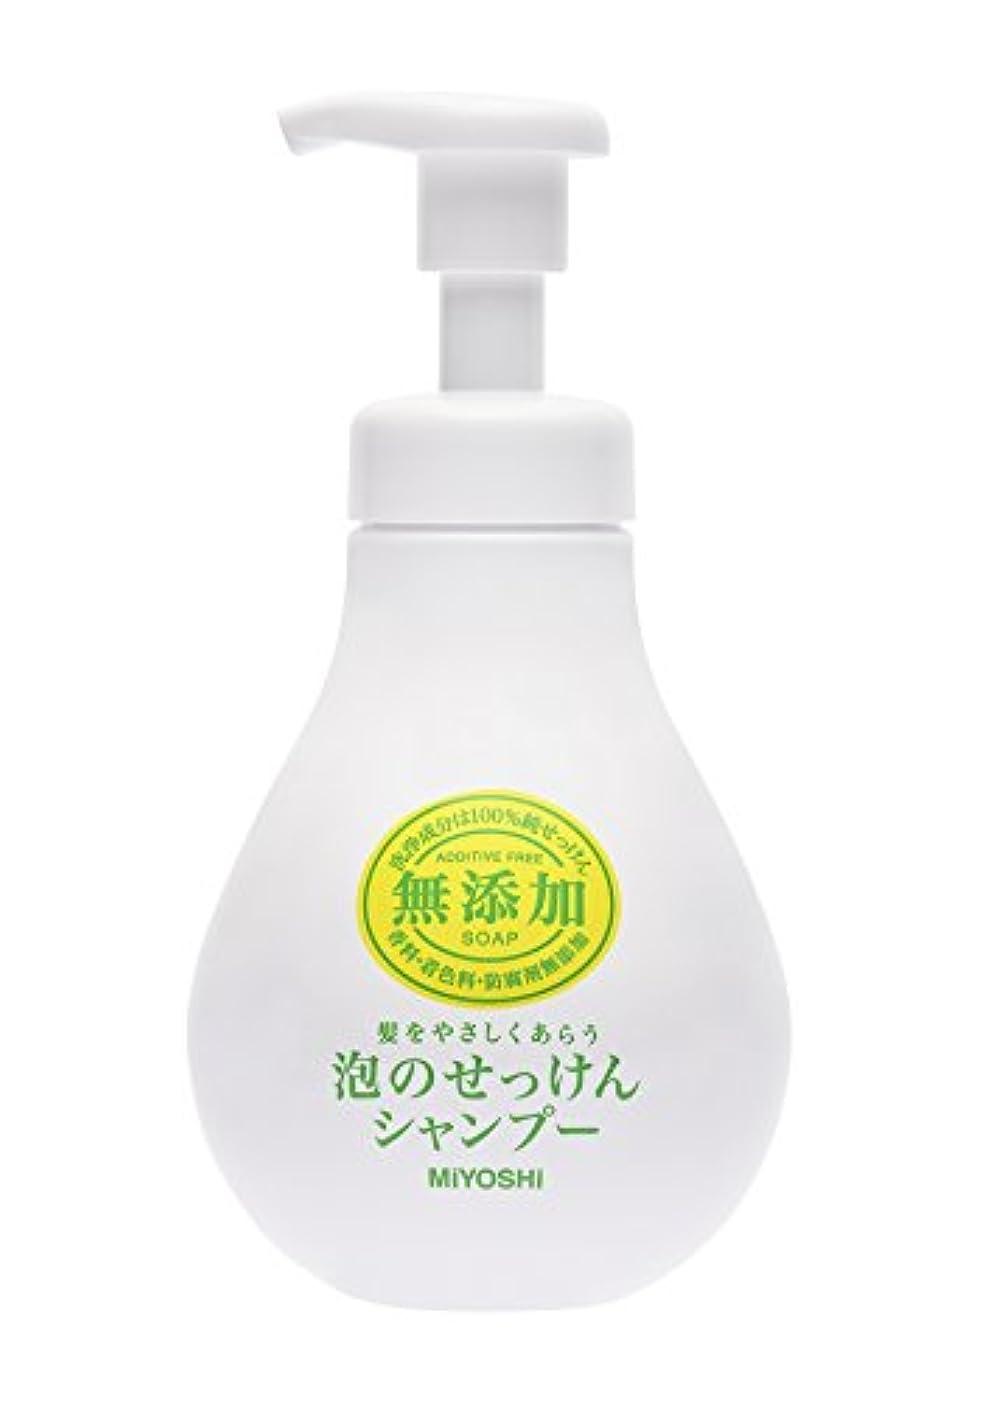 言及する取り出すインターネットミヨシ石鹸 無添加 泡のせっけんシャンプー シャンプー本体 500mL